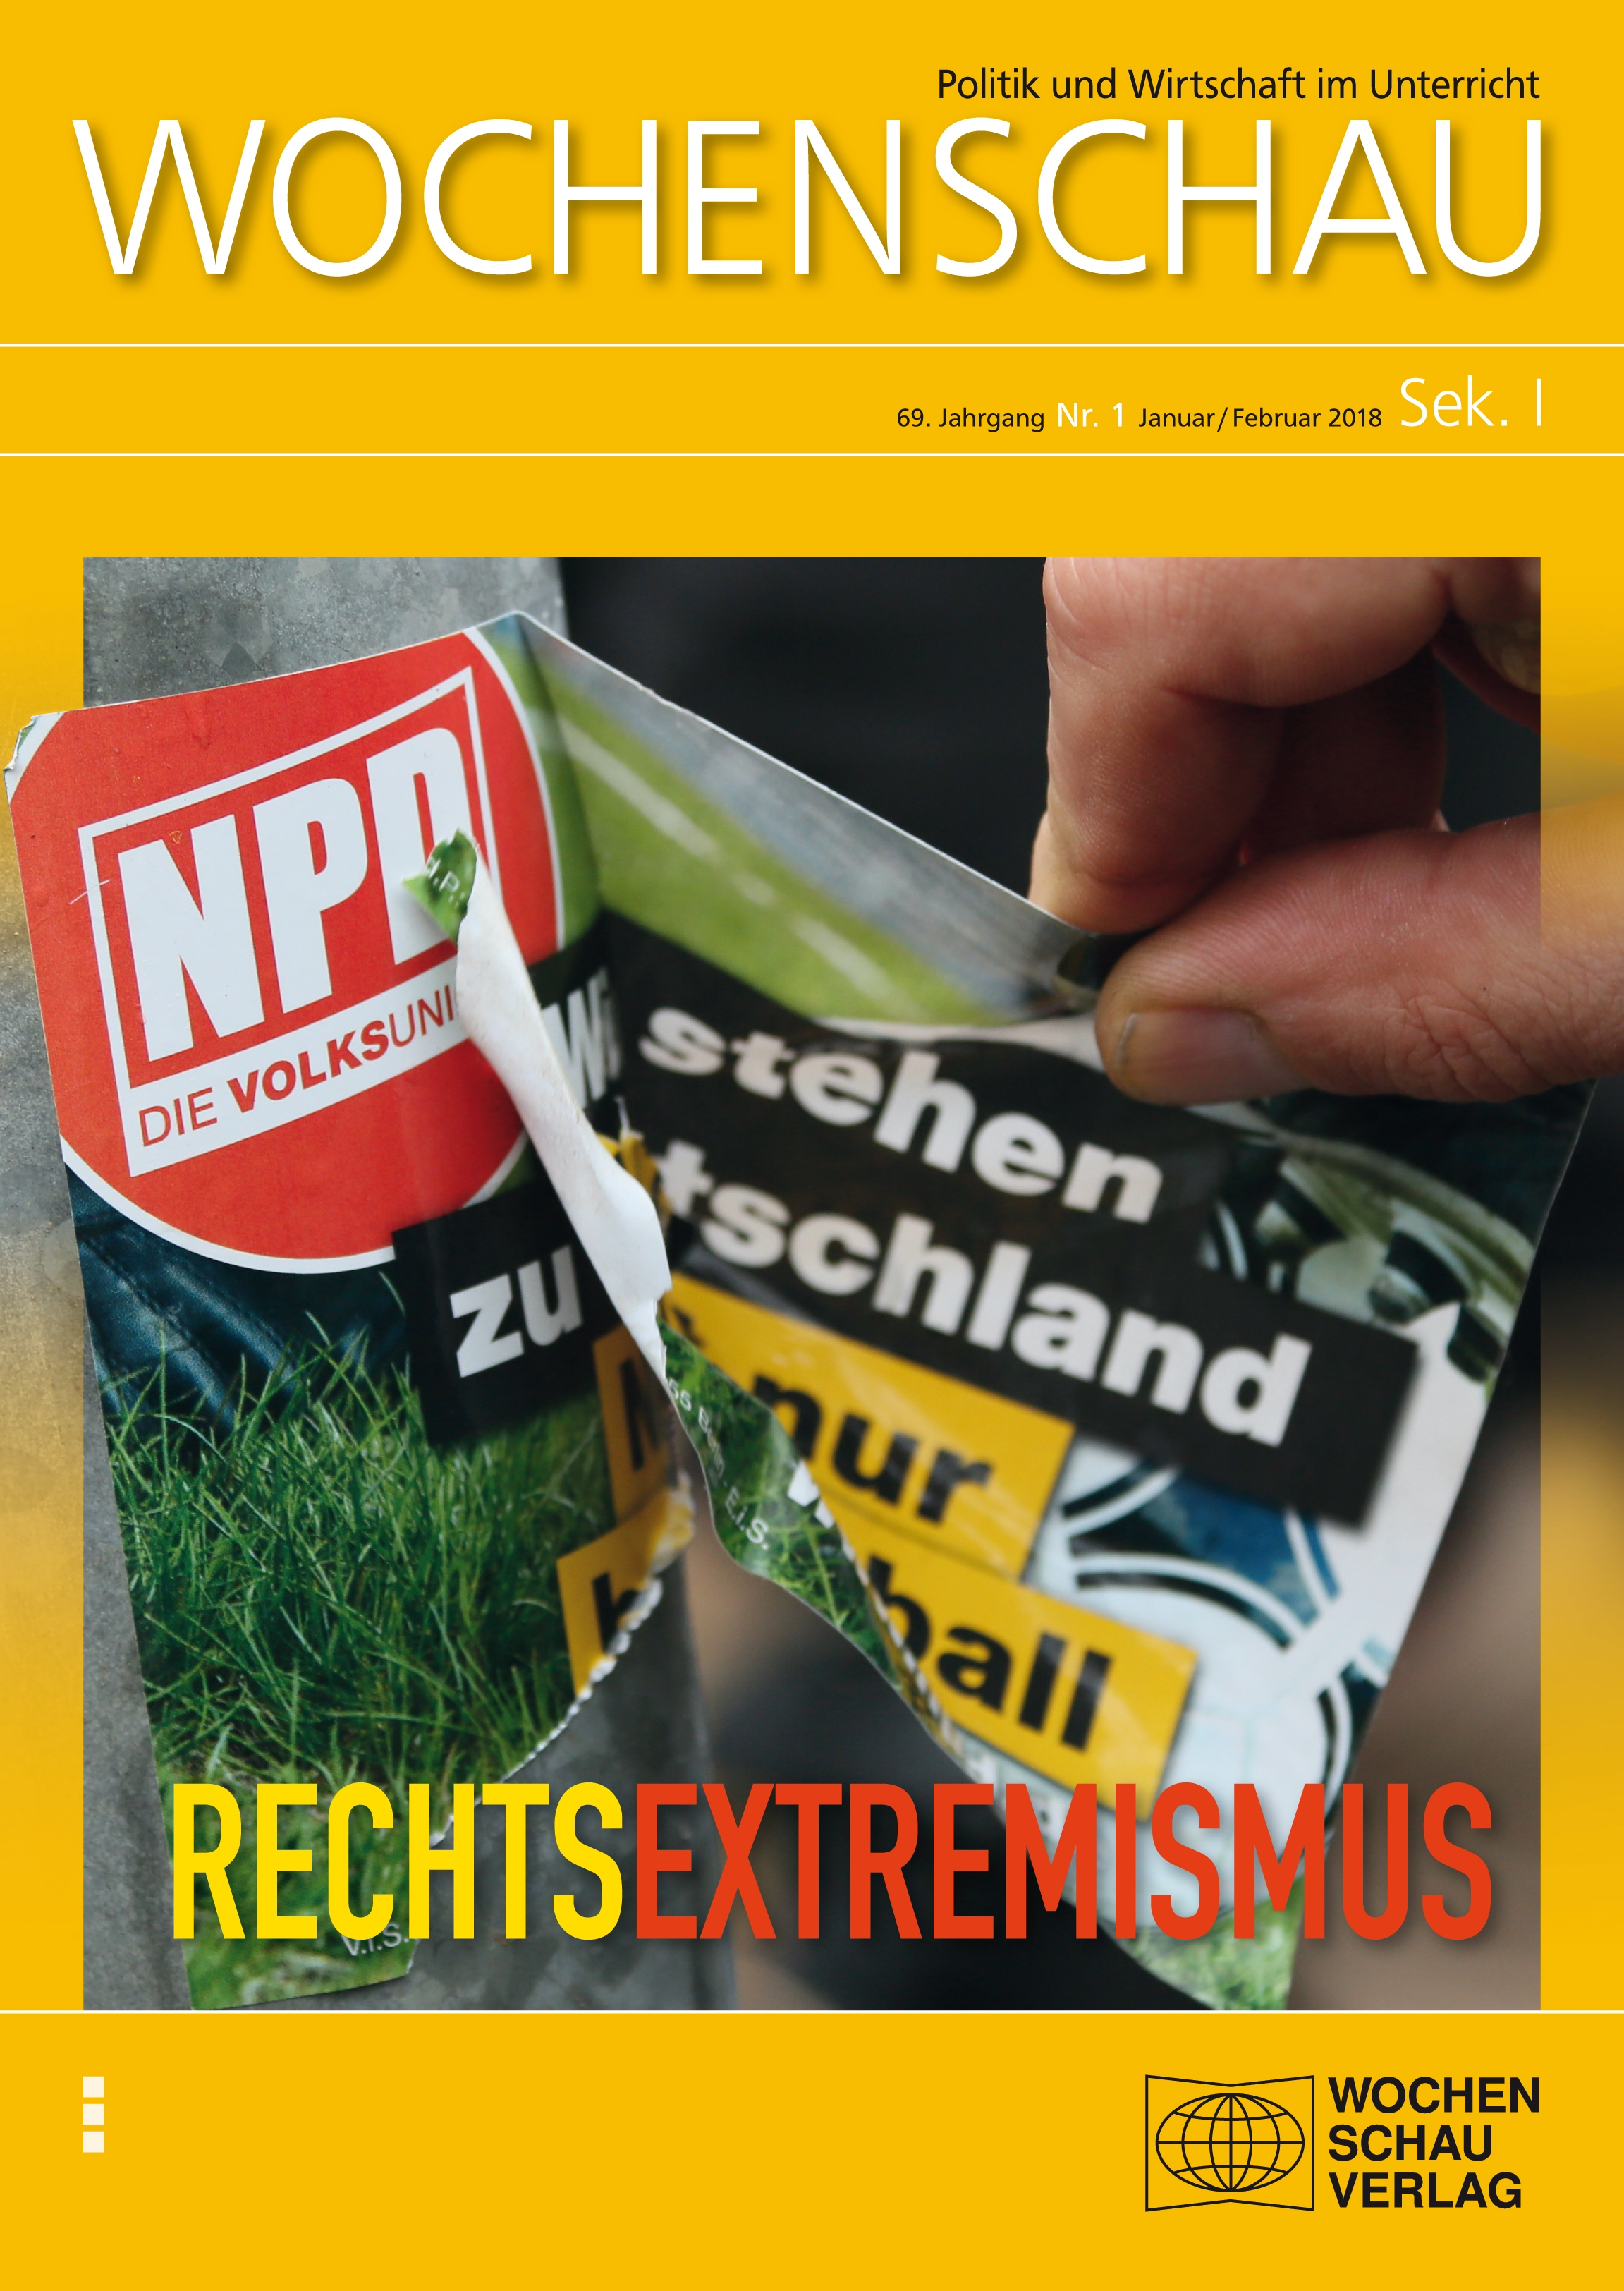 Rechtsextremismus, NSU, Autonome Nationalisten, Identitäre Bewegung